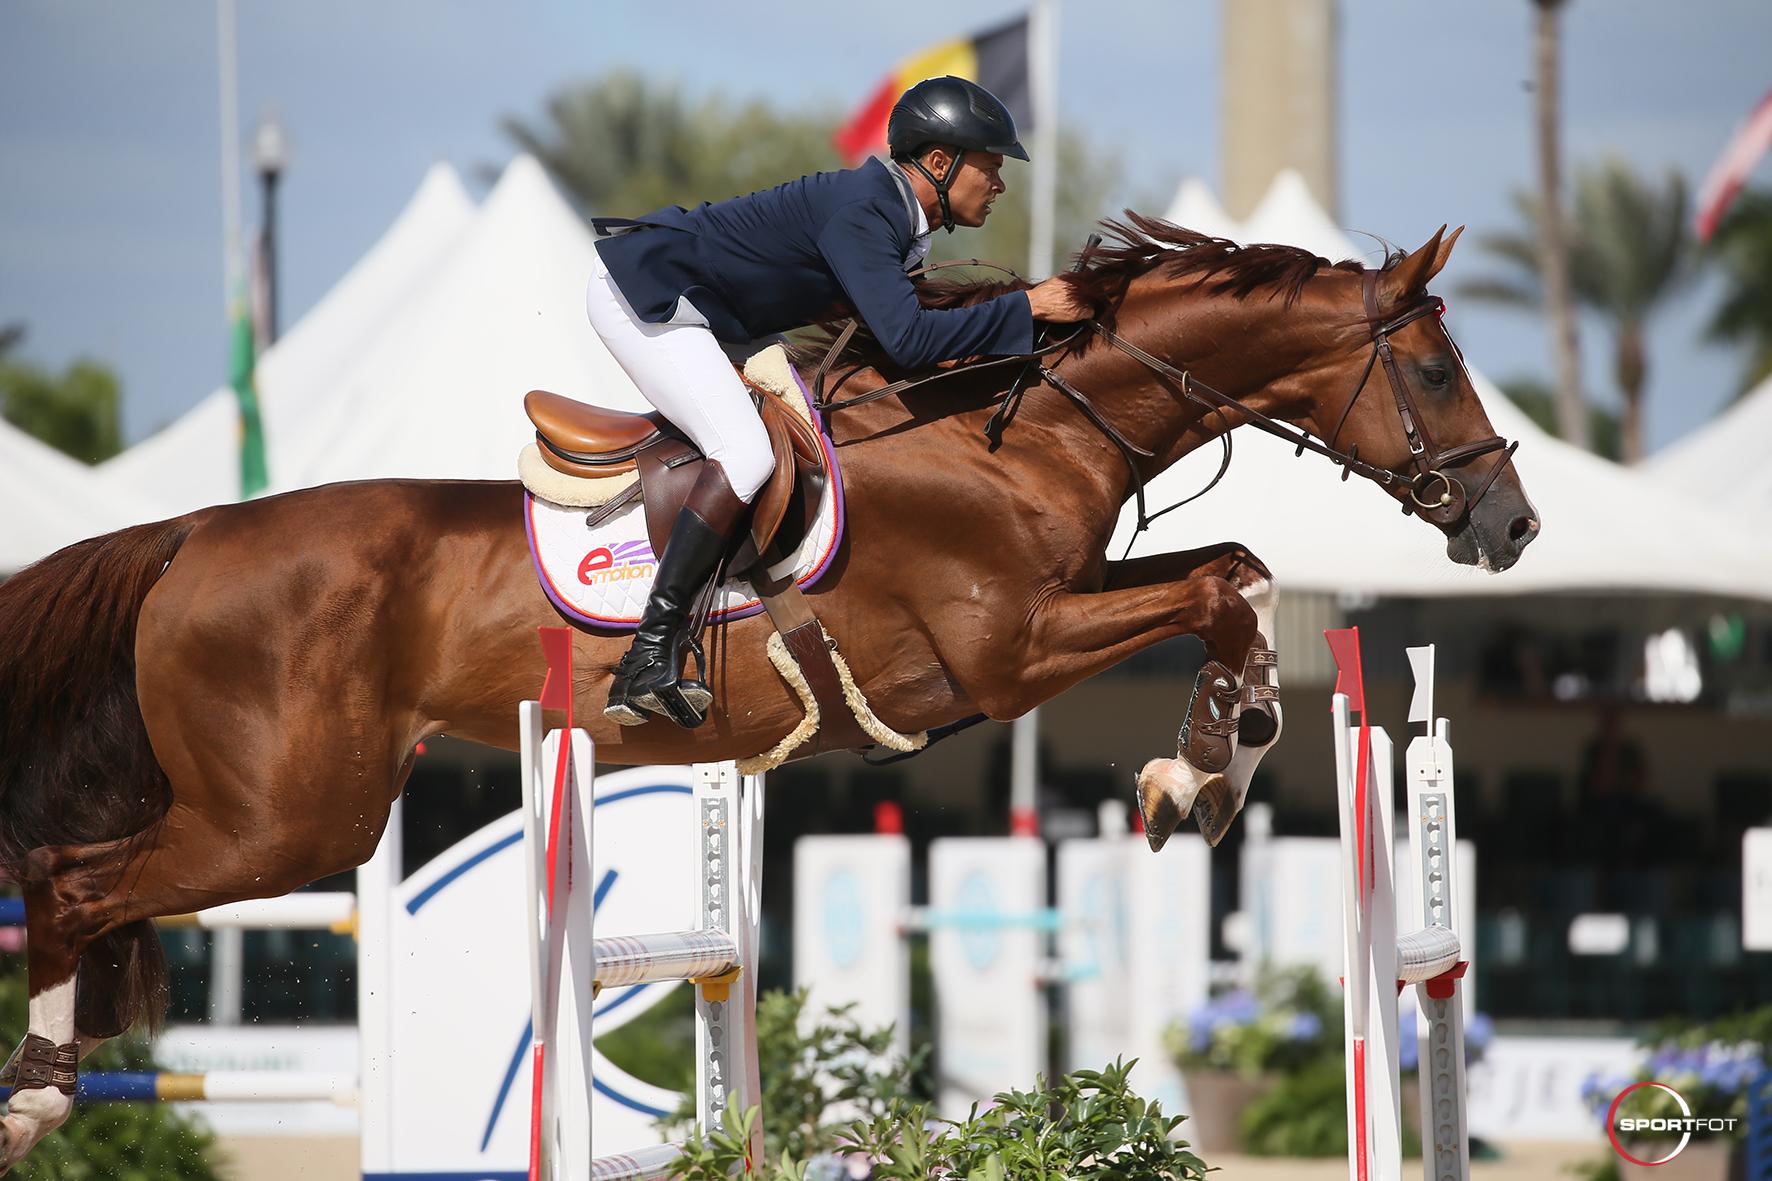 Marcello Ciavaglia and Conto by Sportfot 512_1208